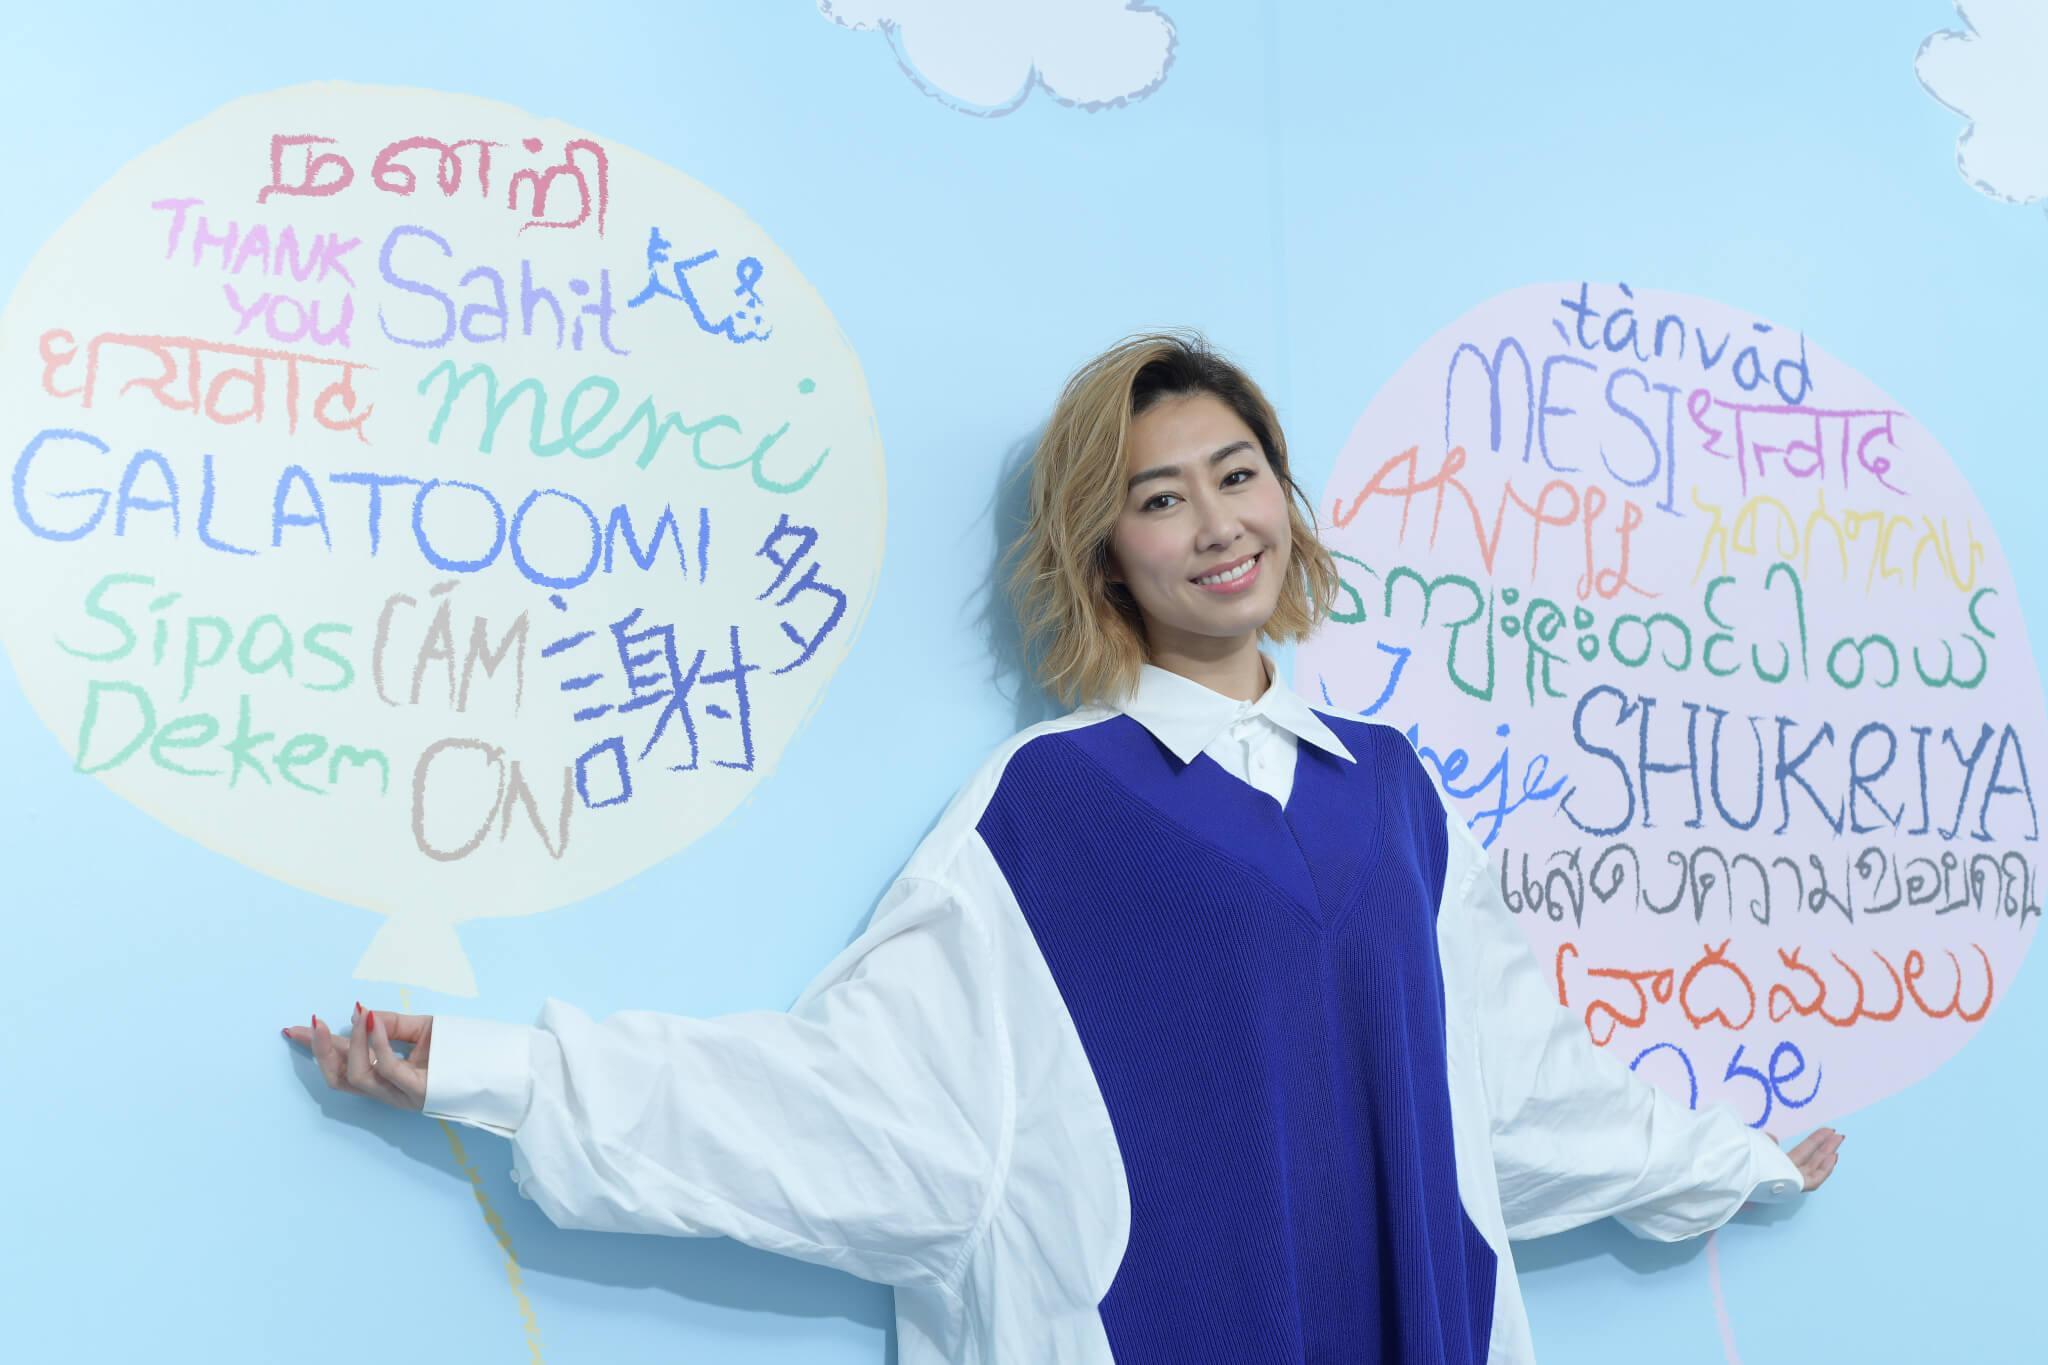 胡定欣近年學唱歌,令她信心大增,希望用歌聲令歌迷聽出不一樣的自己。